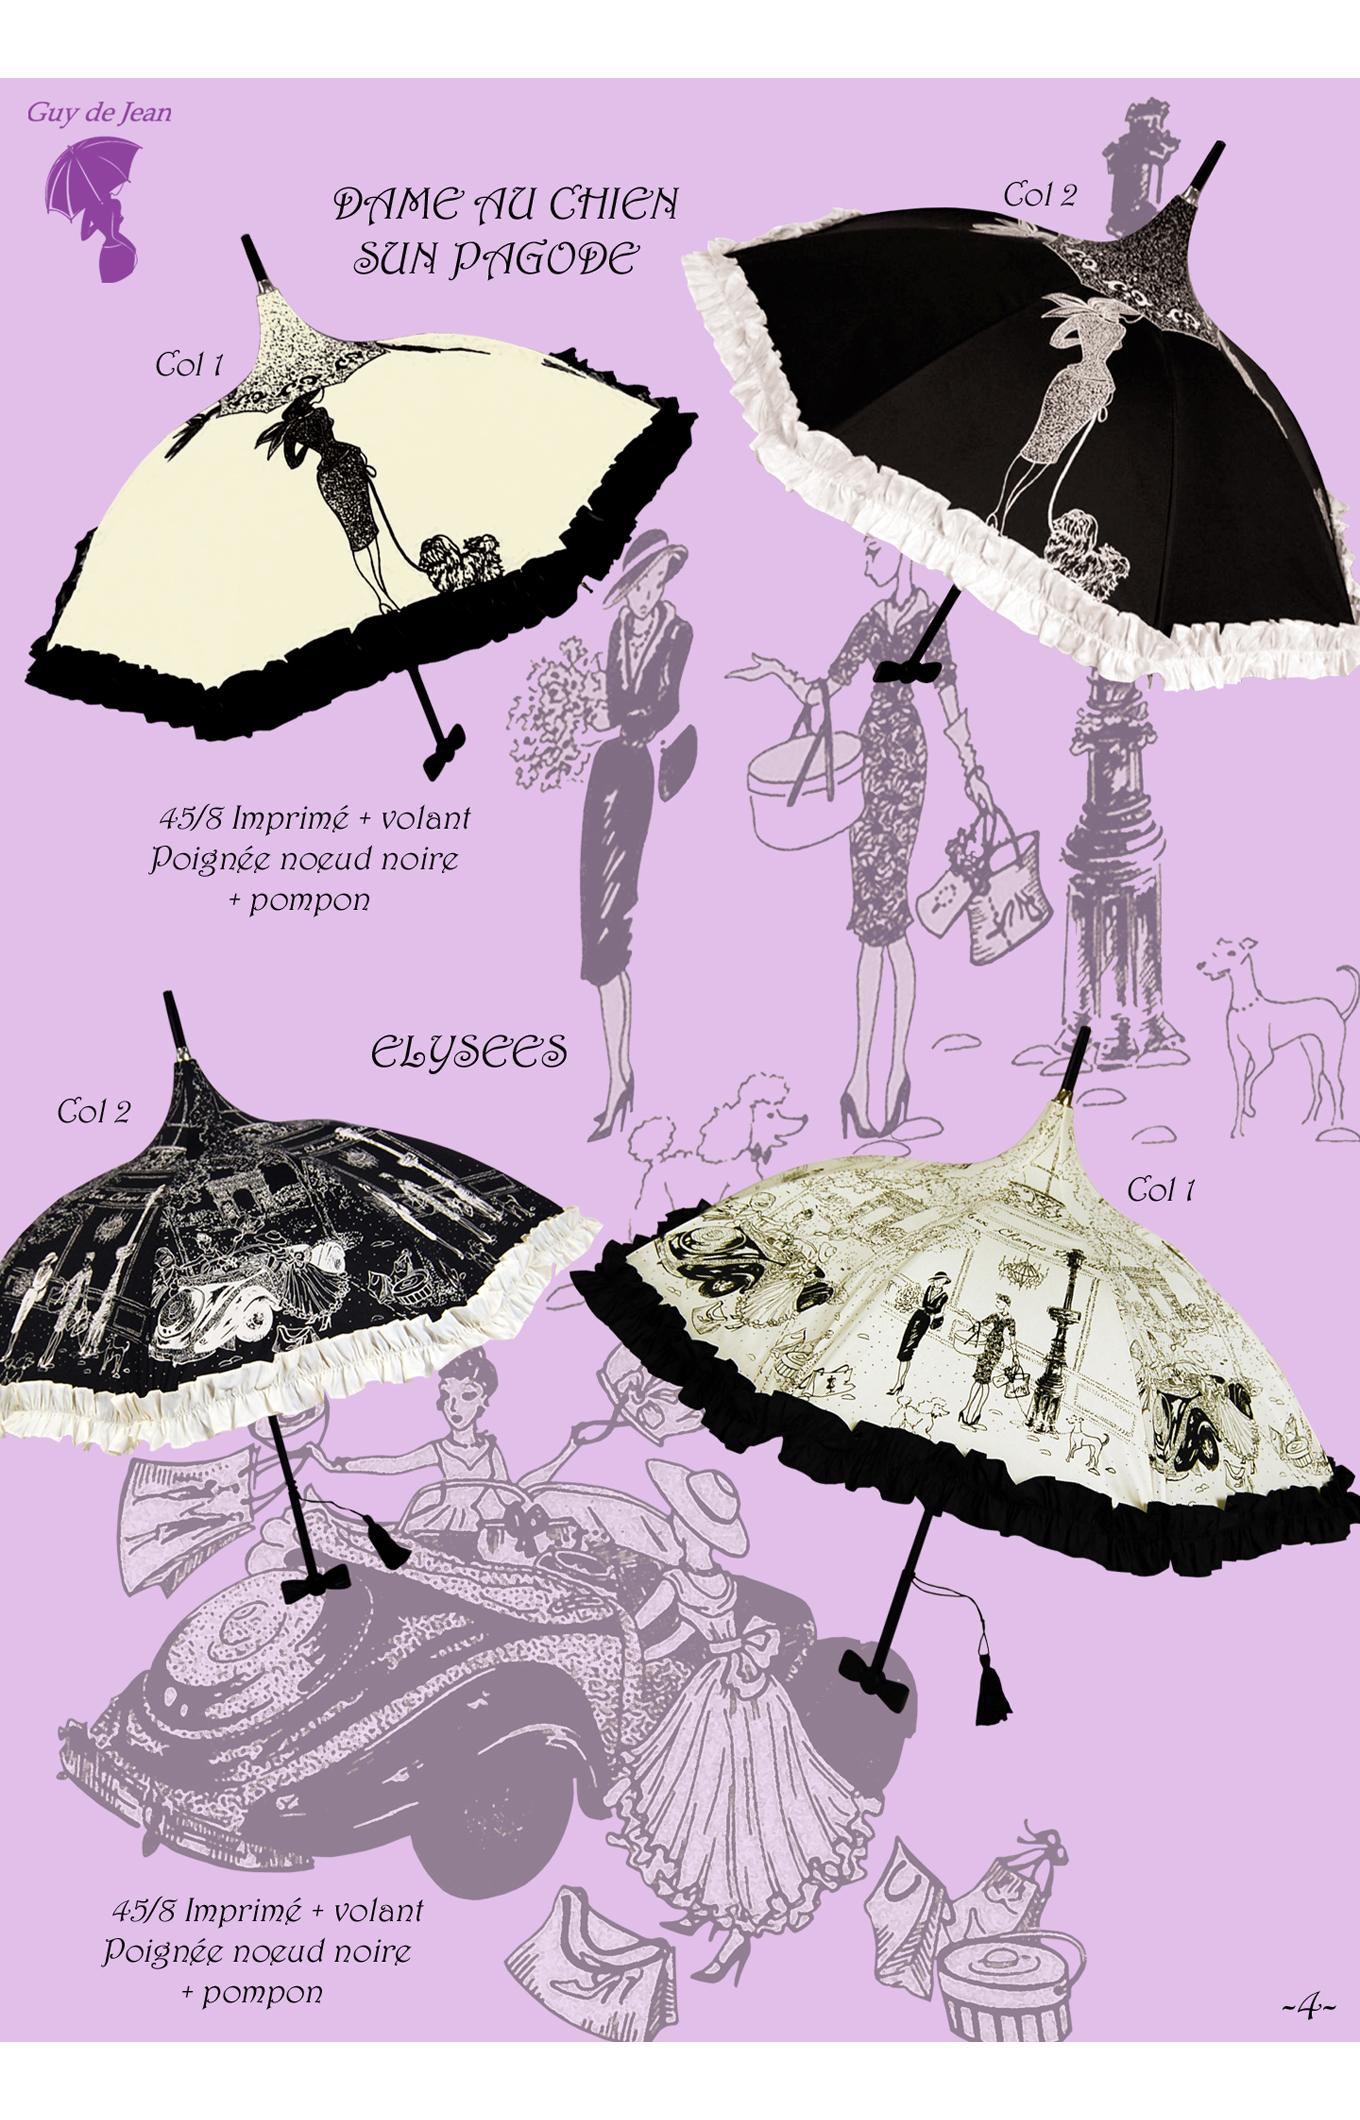 Guy de Jean <br>Umbrella 05